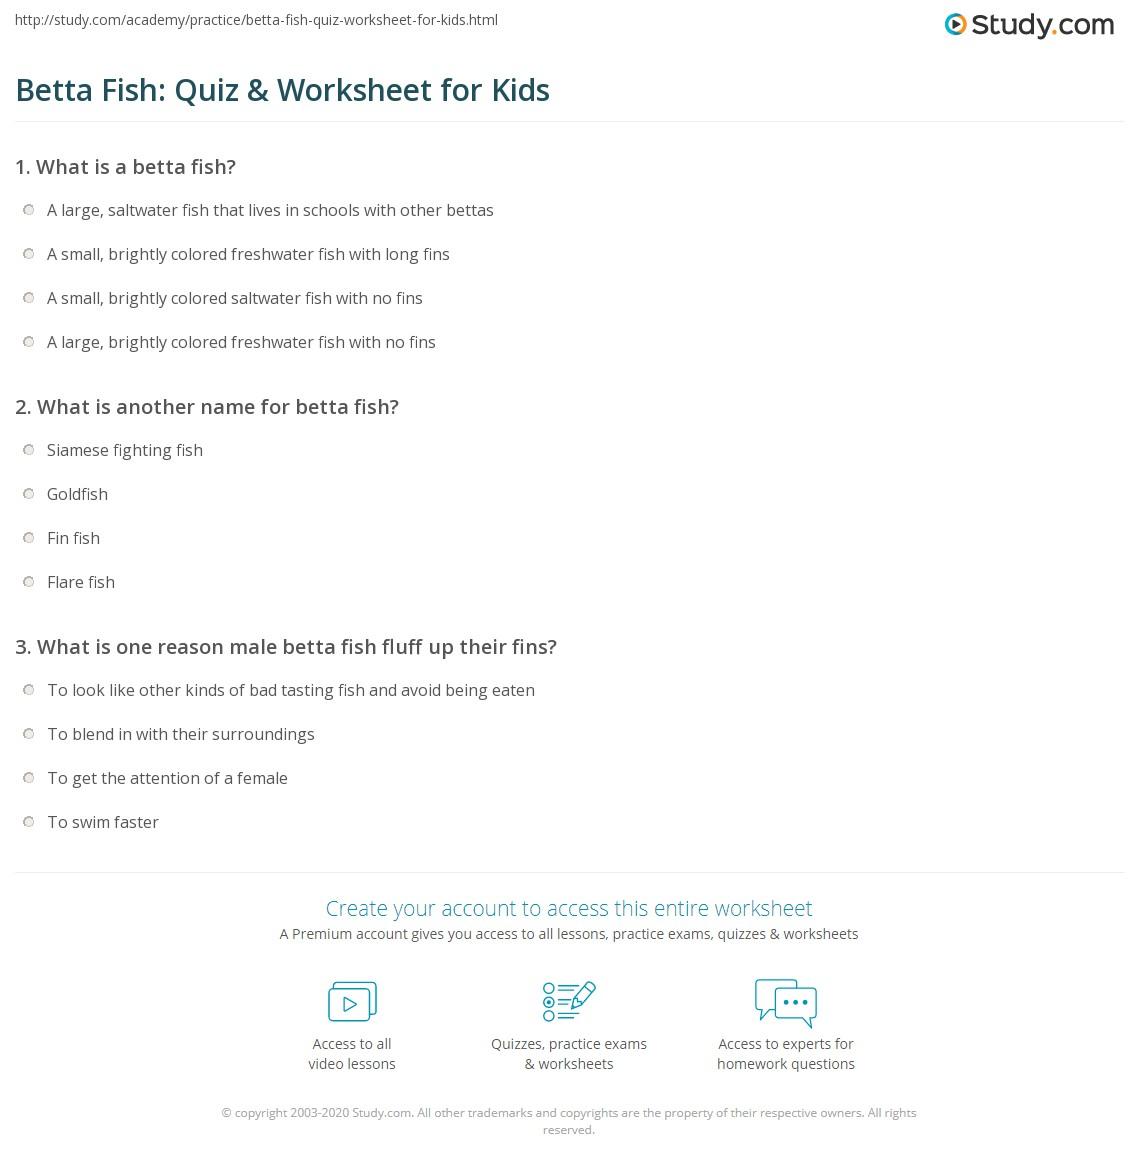 Betta Fish: Quiz & Worksheet for Kids   Study.com